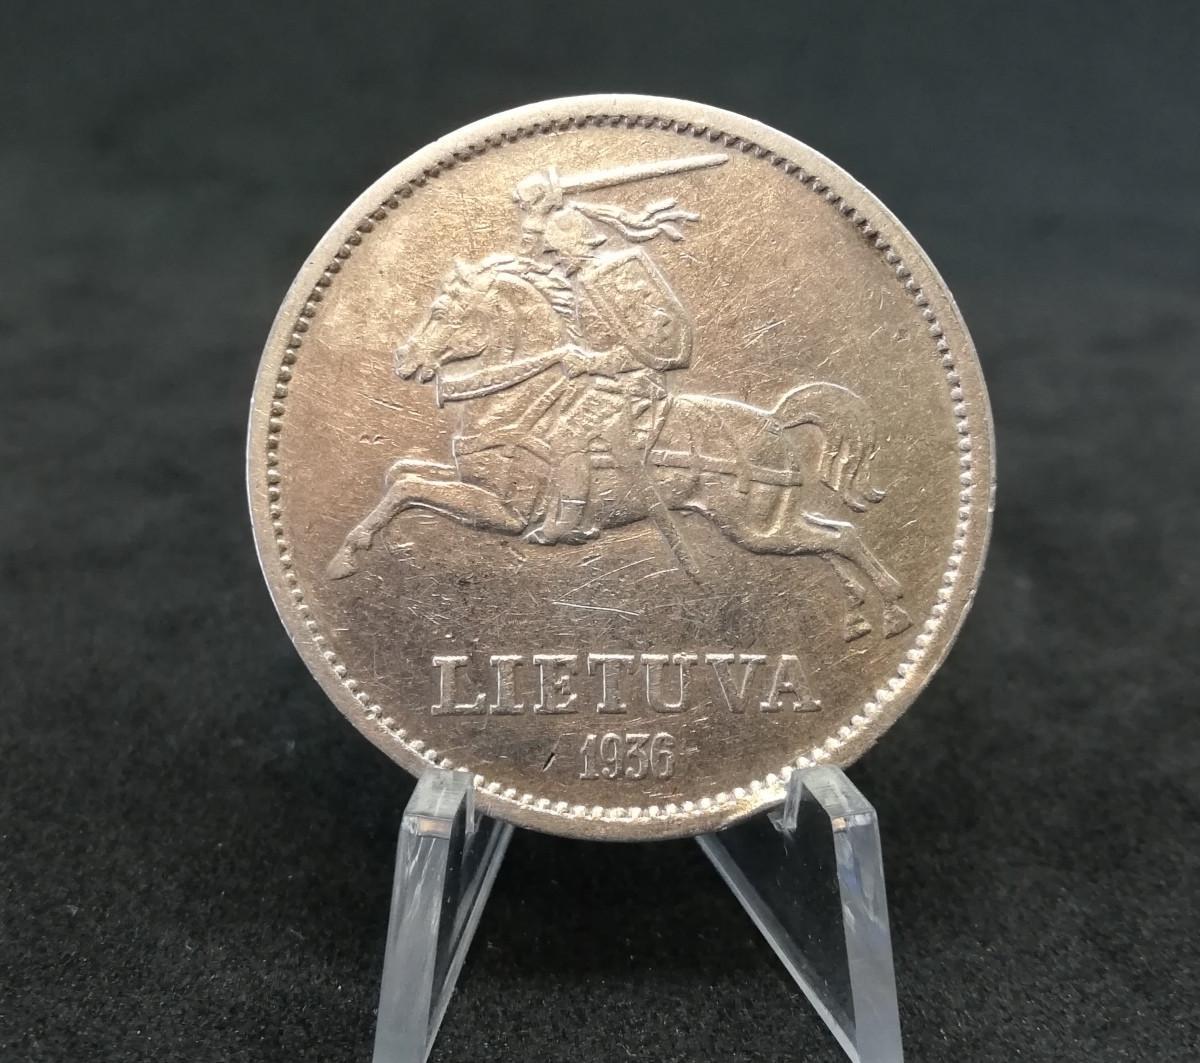 1936 Dešimt Litų - Vytautas